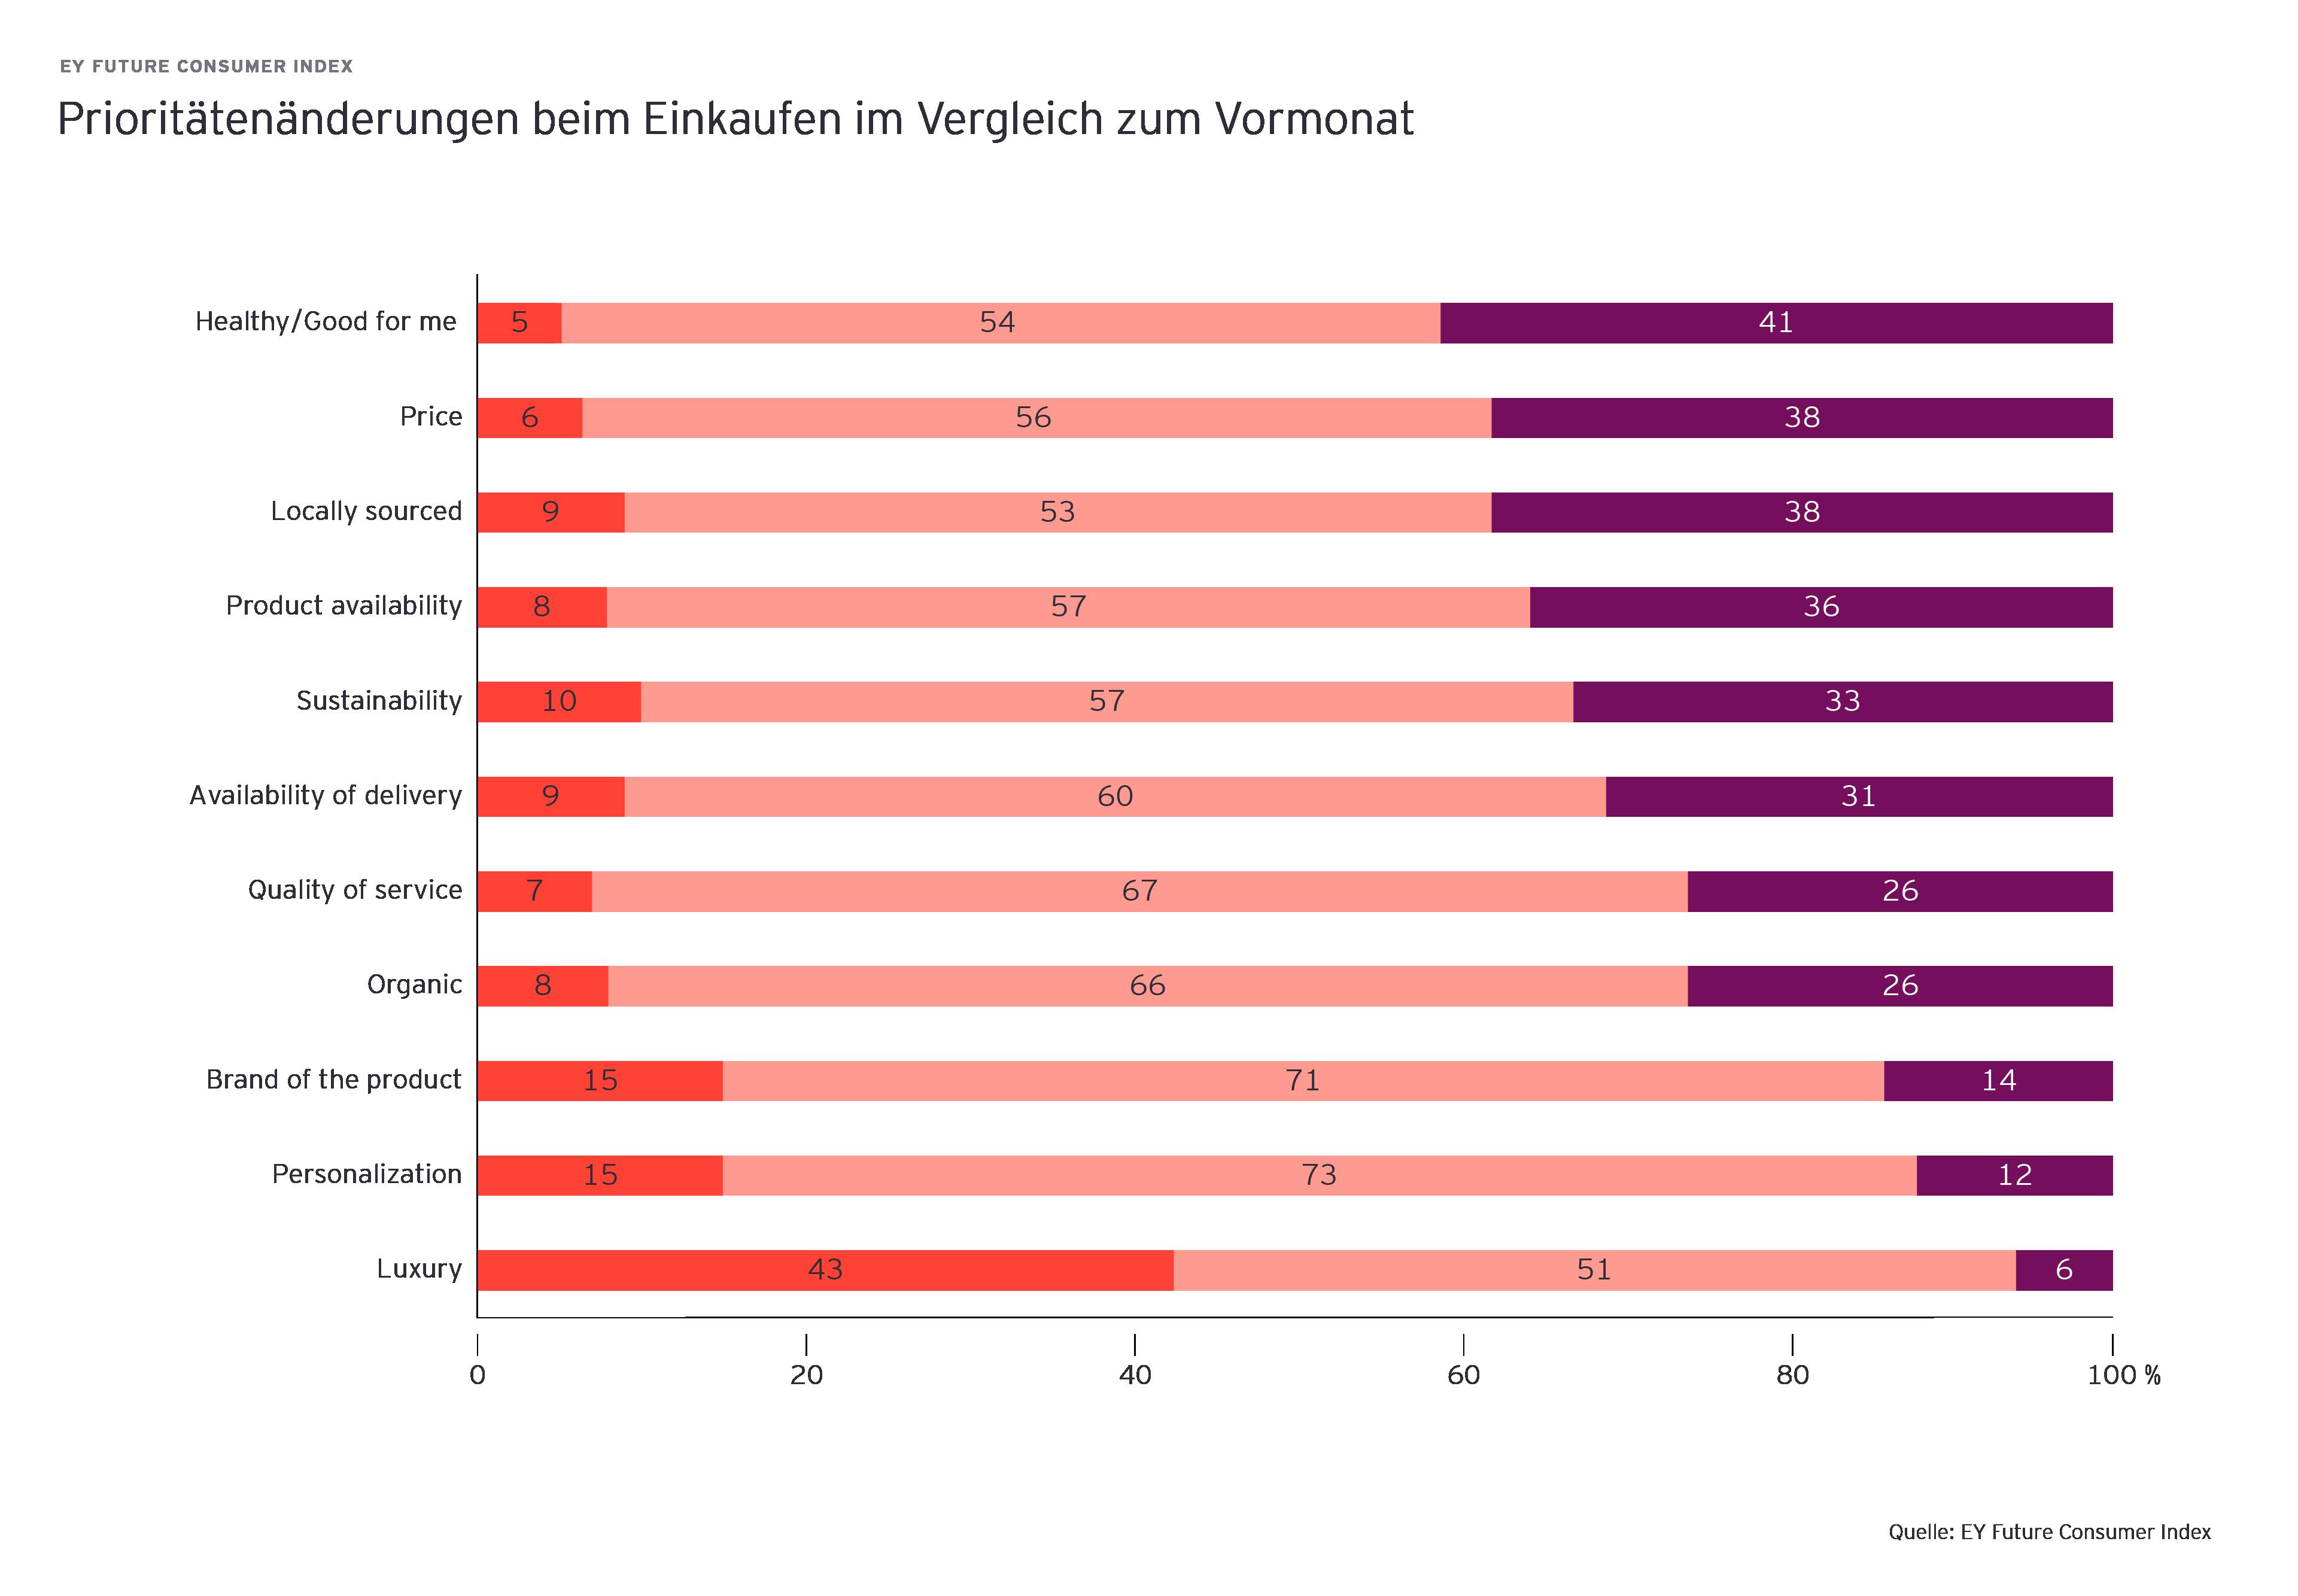 Diagramm zeigt Prioritätenänderungen beim Einkaufen im Vergleich zum Vormonat